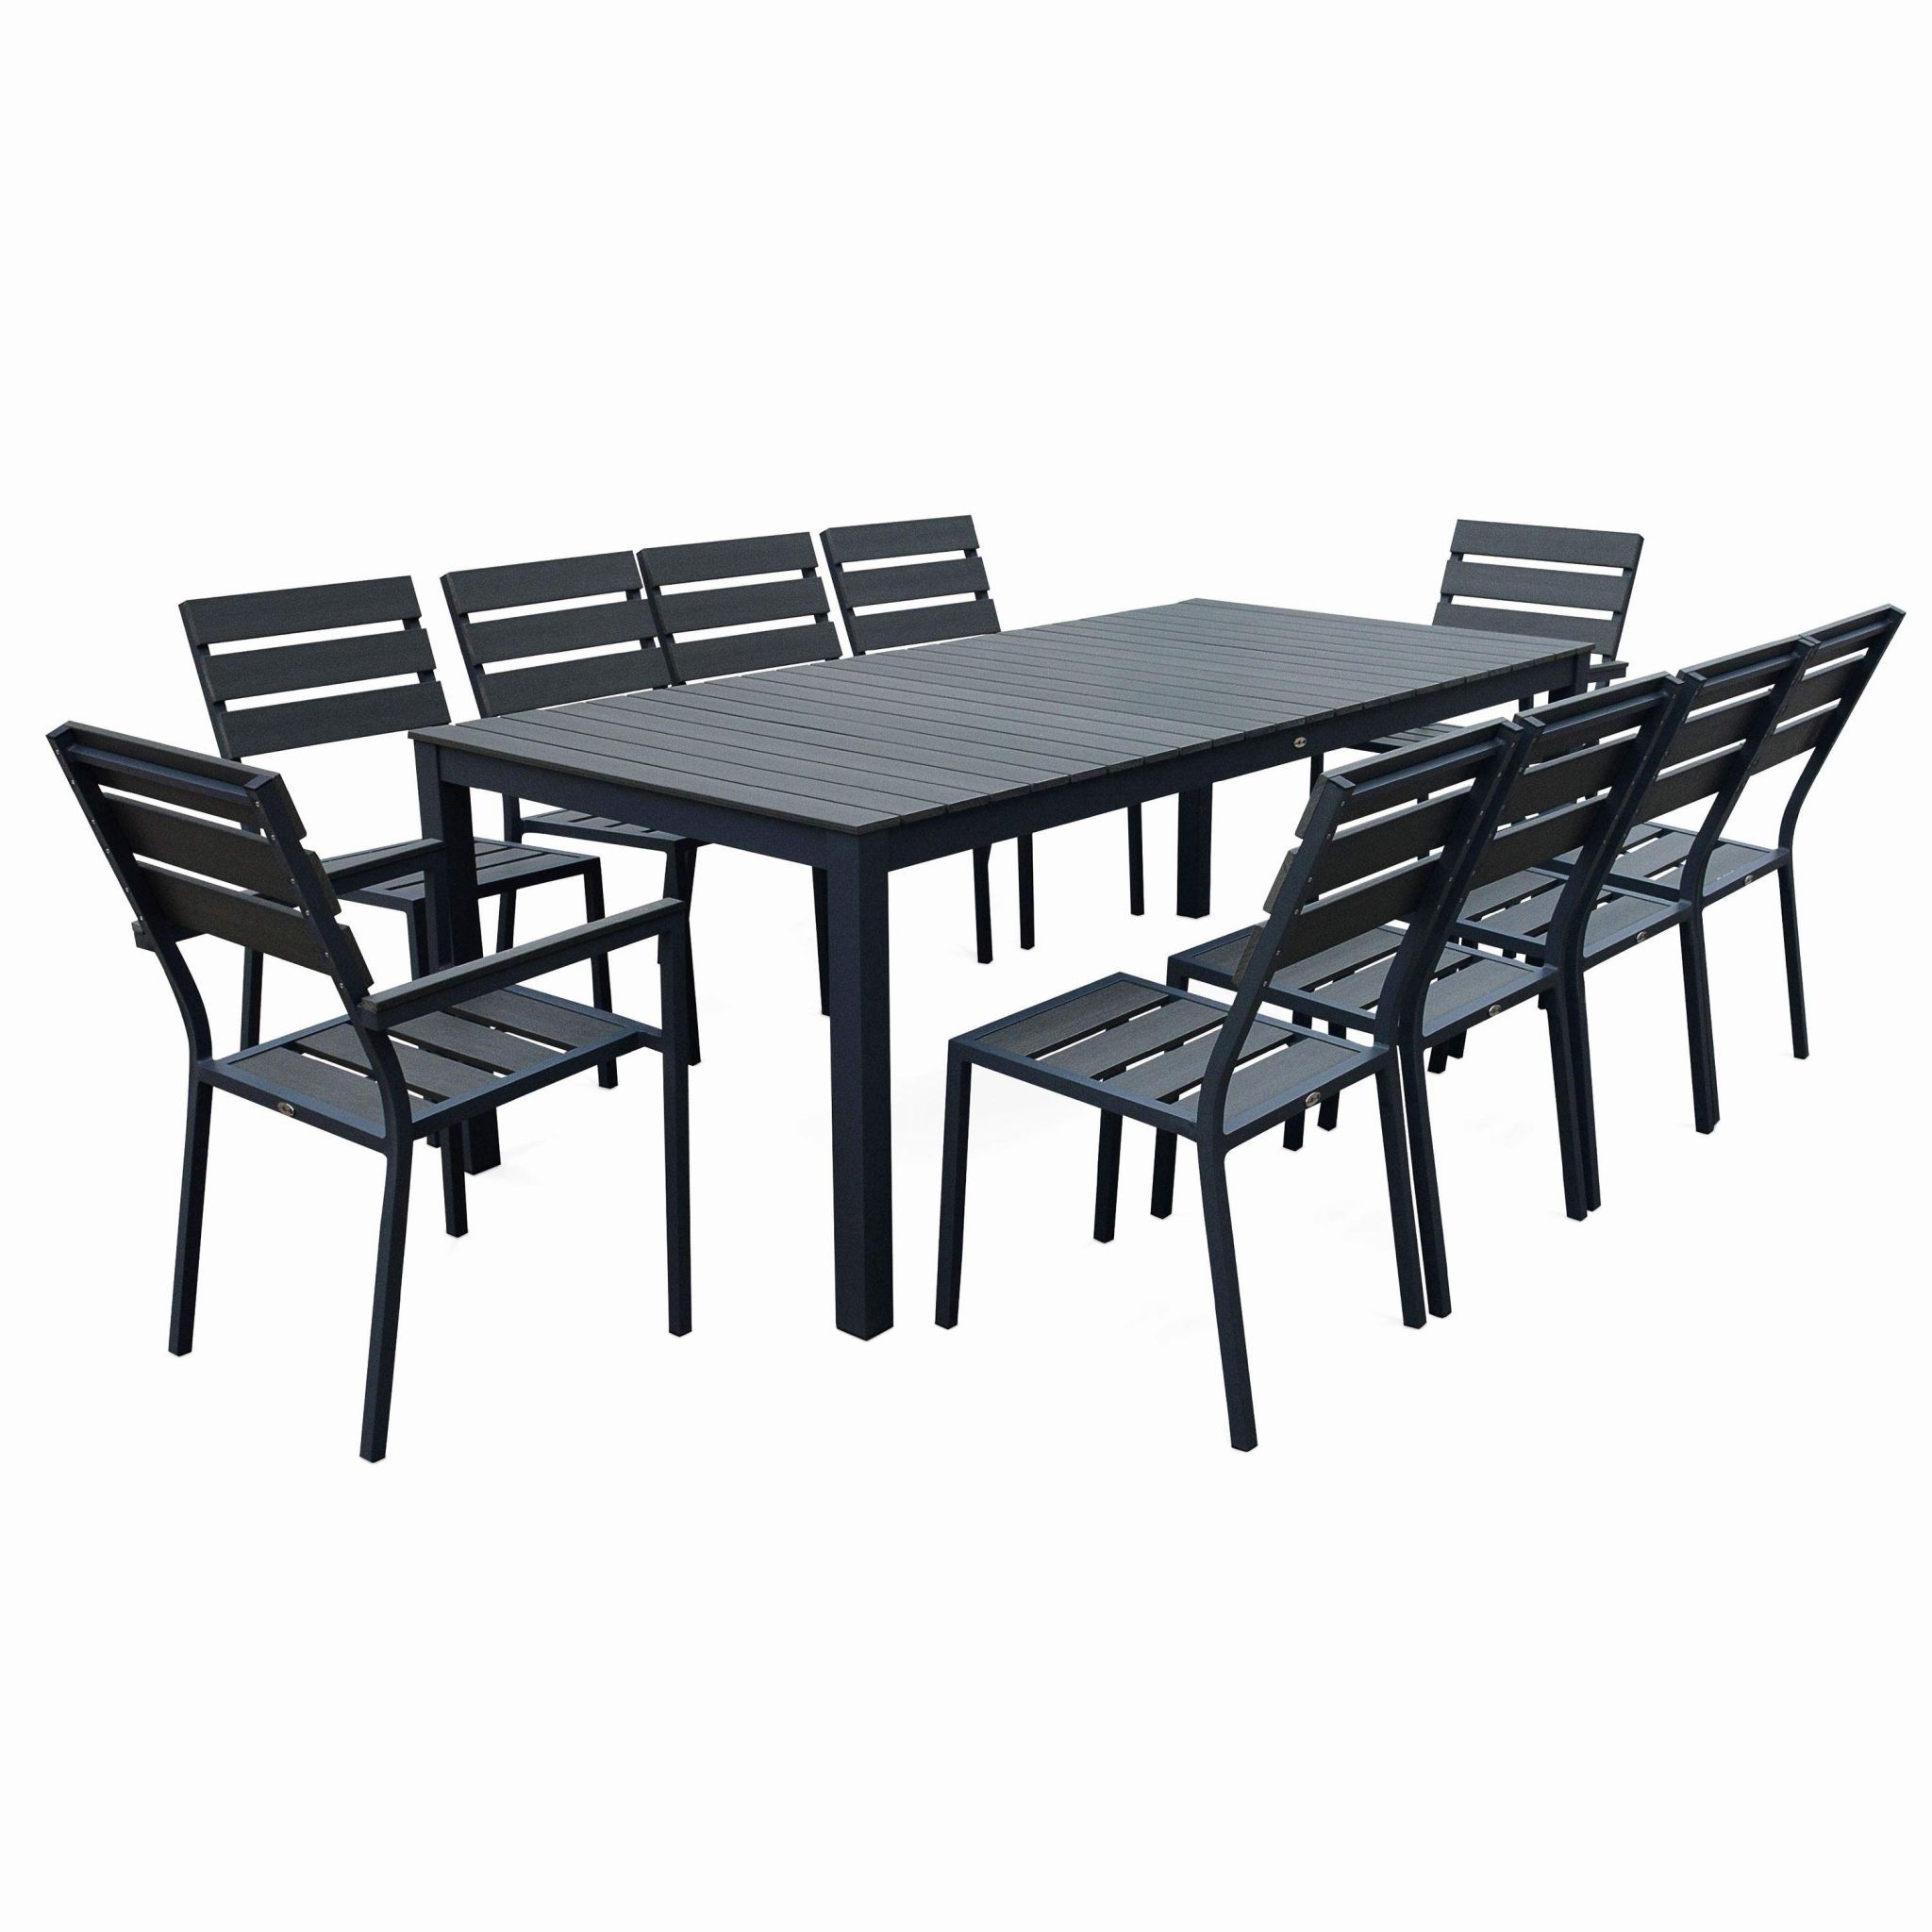 tables de jardin castorama et table de jardin avec rallonge table jardin chaises protege chaise 0d de tables de jardin castorama